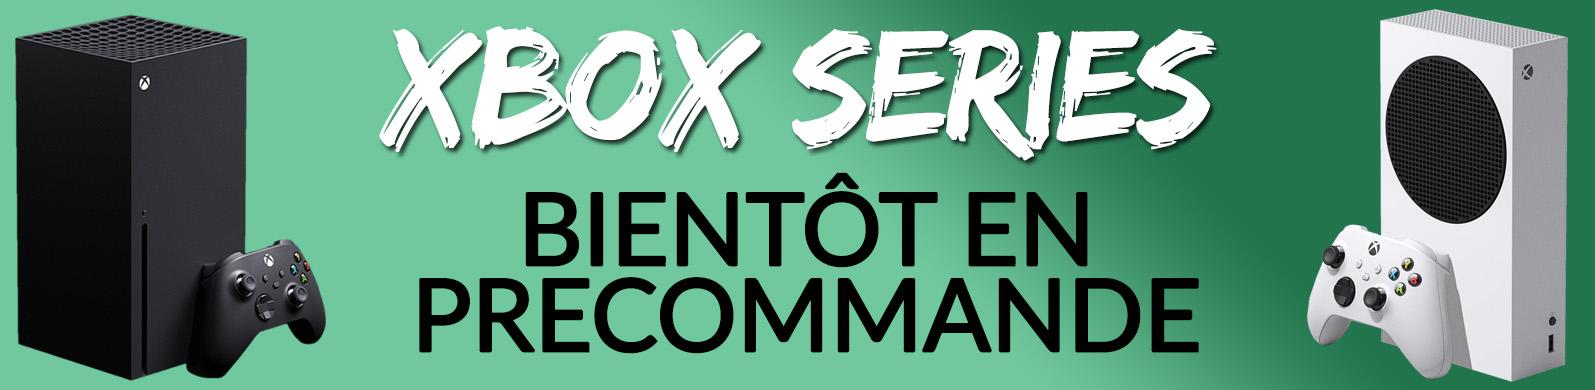 header bientot en precommande xbox series s x